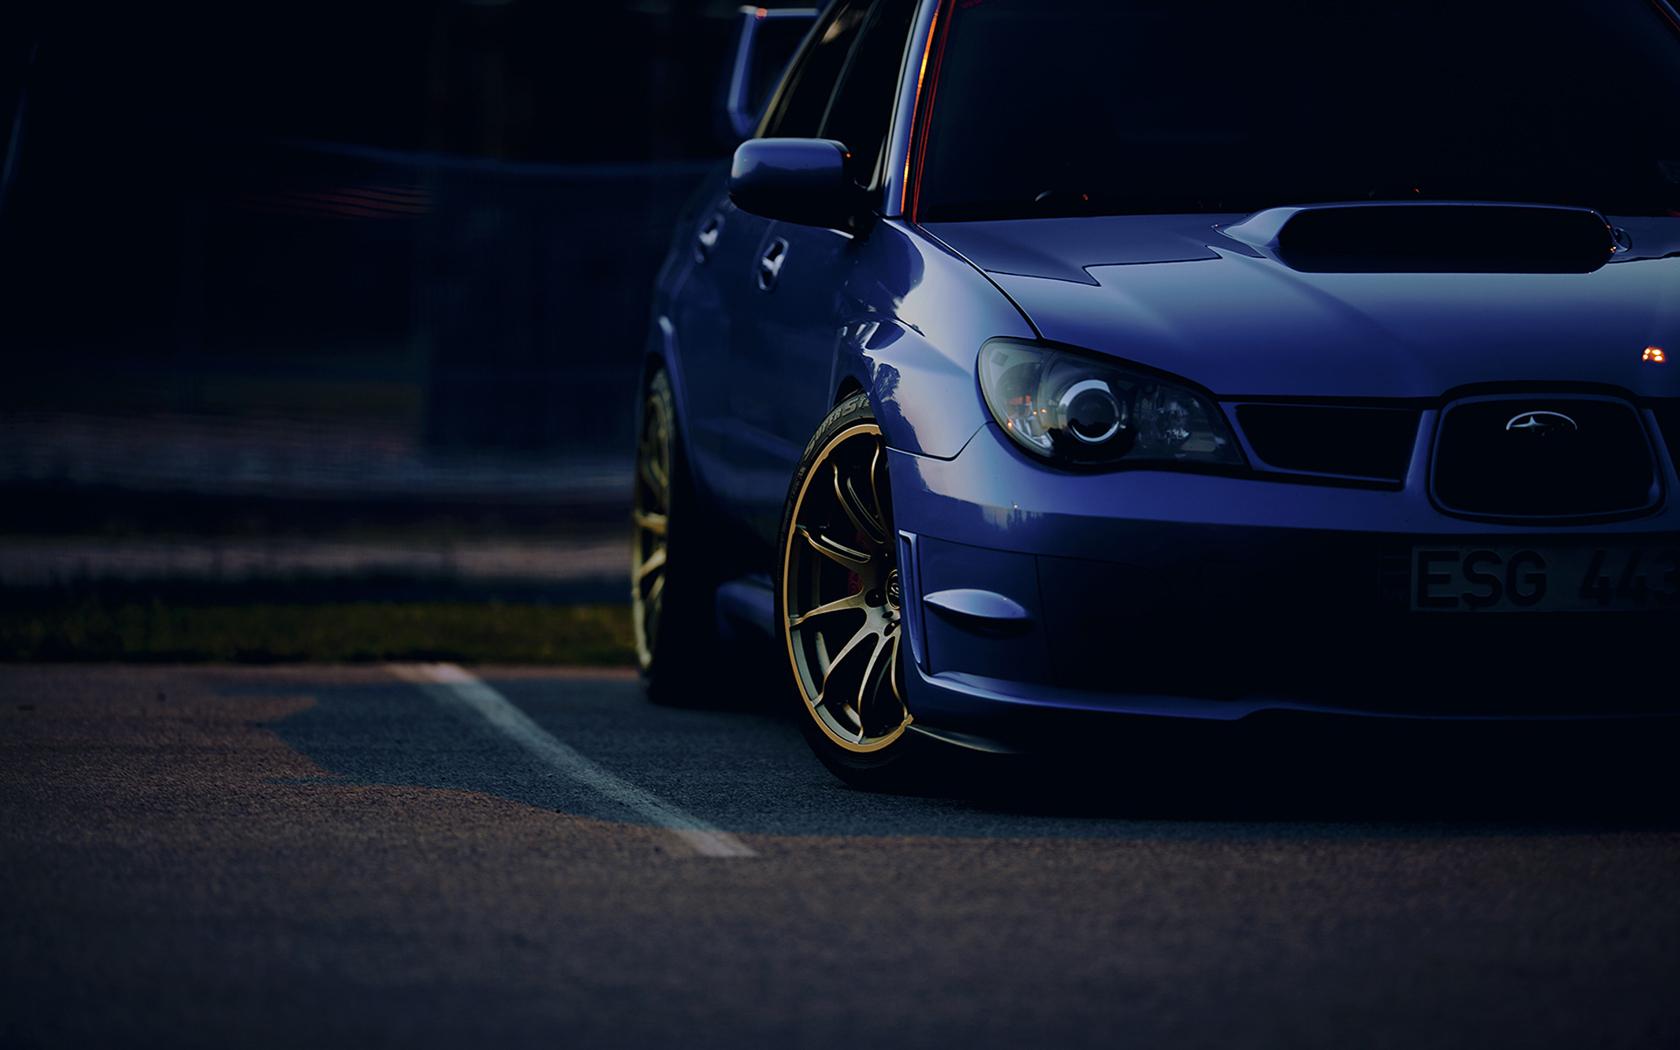 21843 скачать обои Субару (Subaru), Машины, Транспорт - заставки и картинки бесплатно